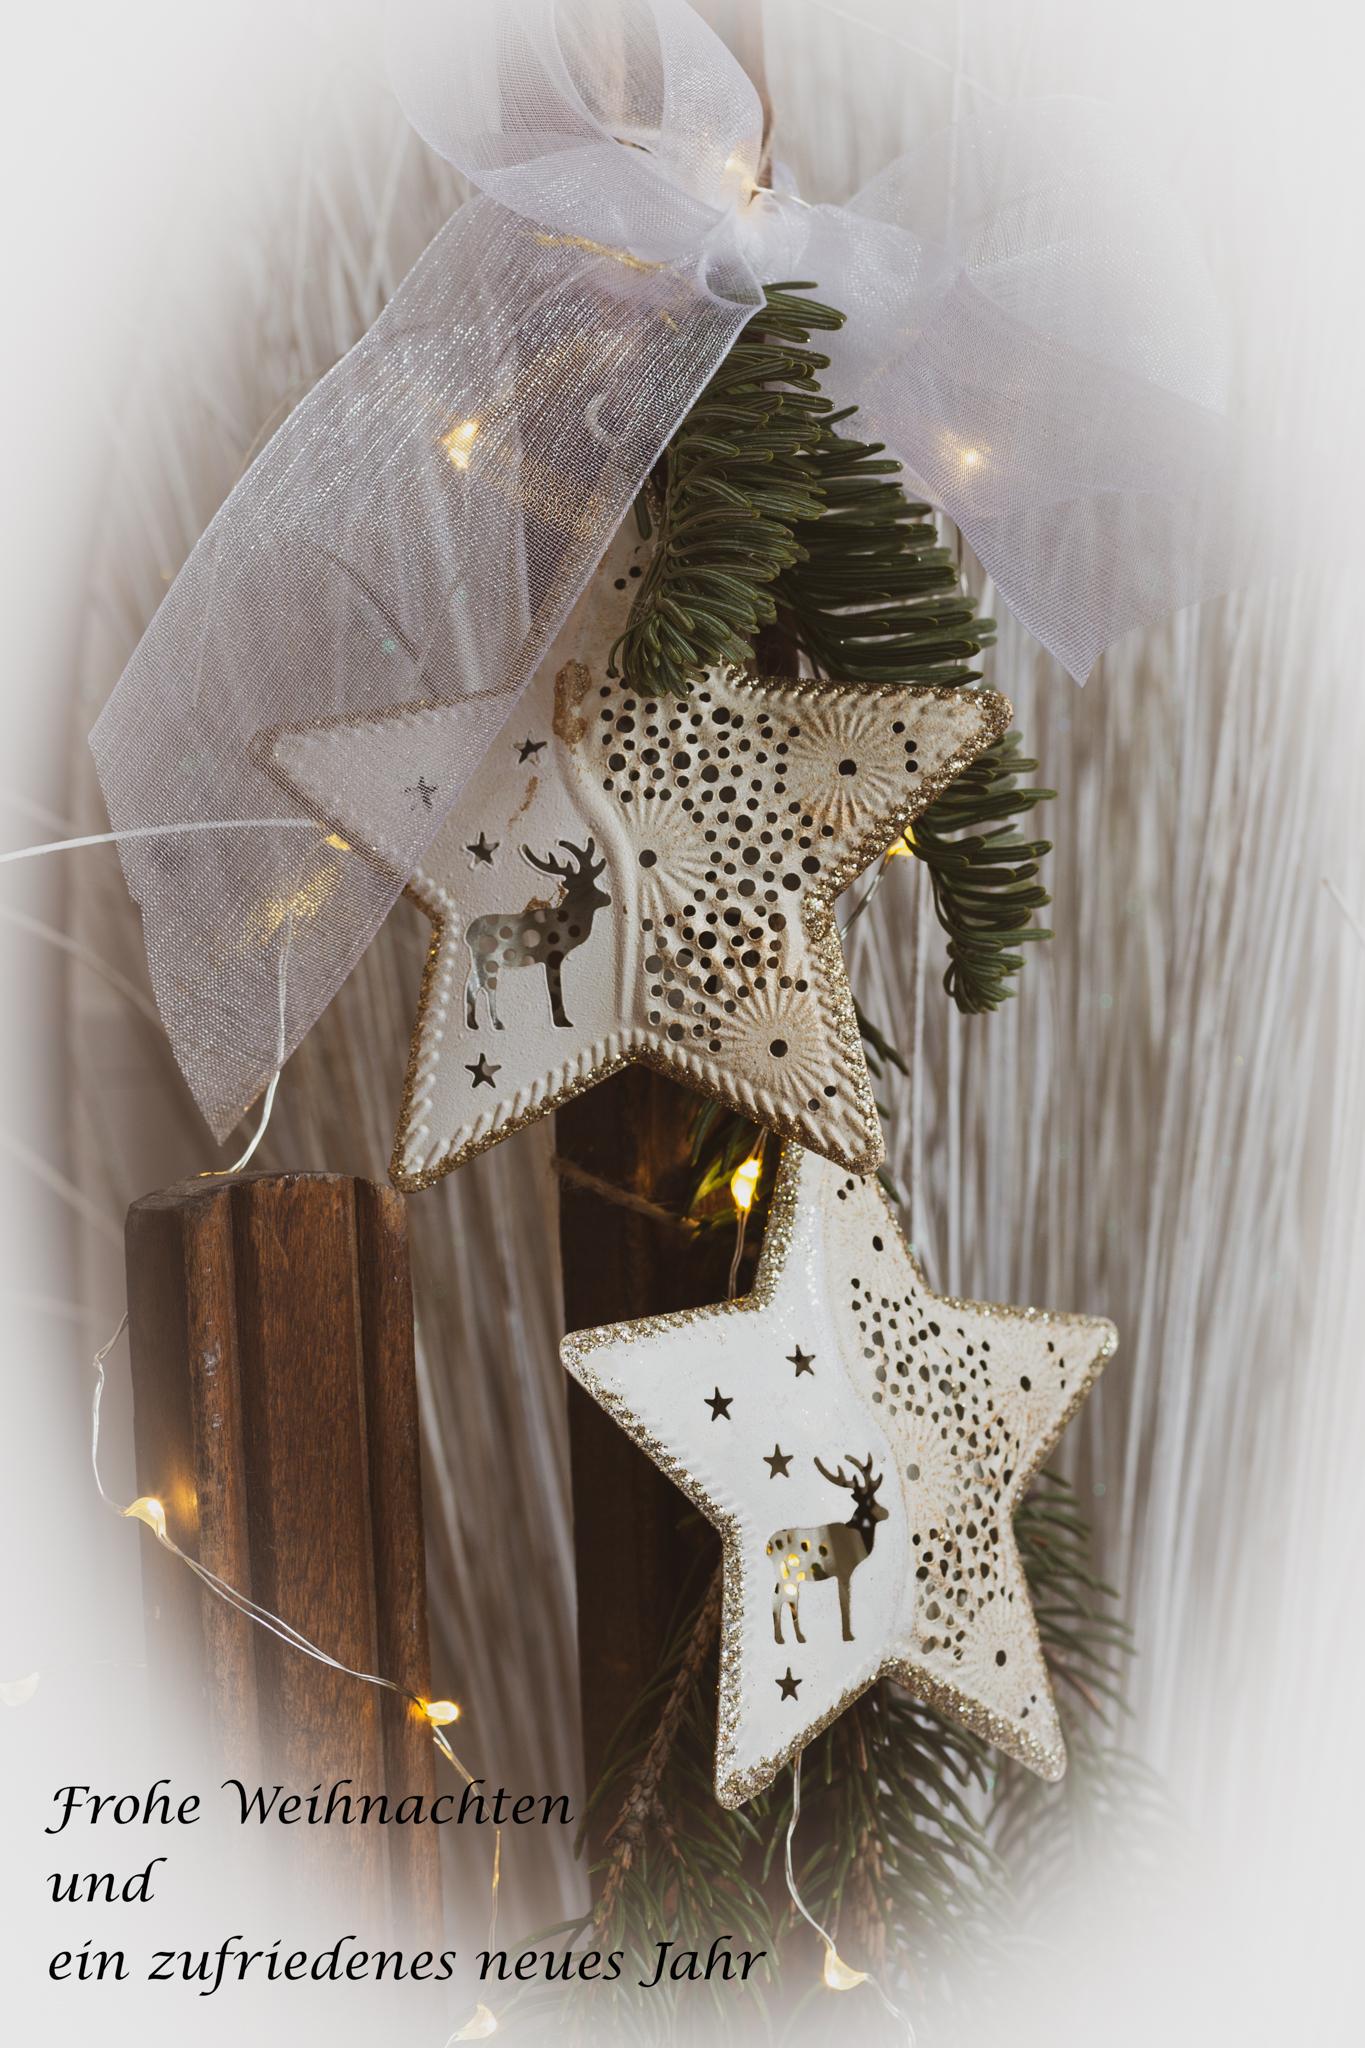 Weihnachtsgruß 2020 - Küderle Manuela